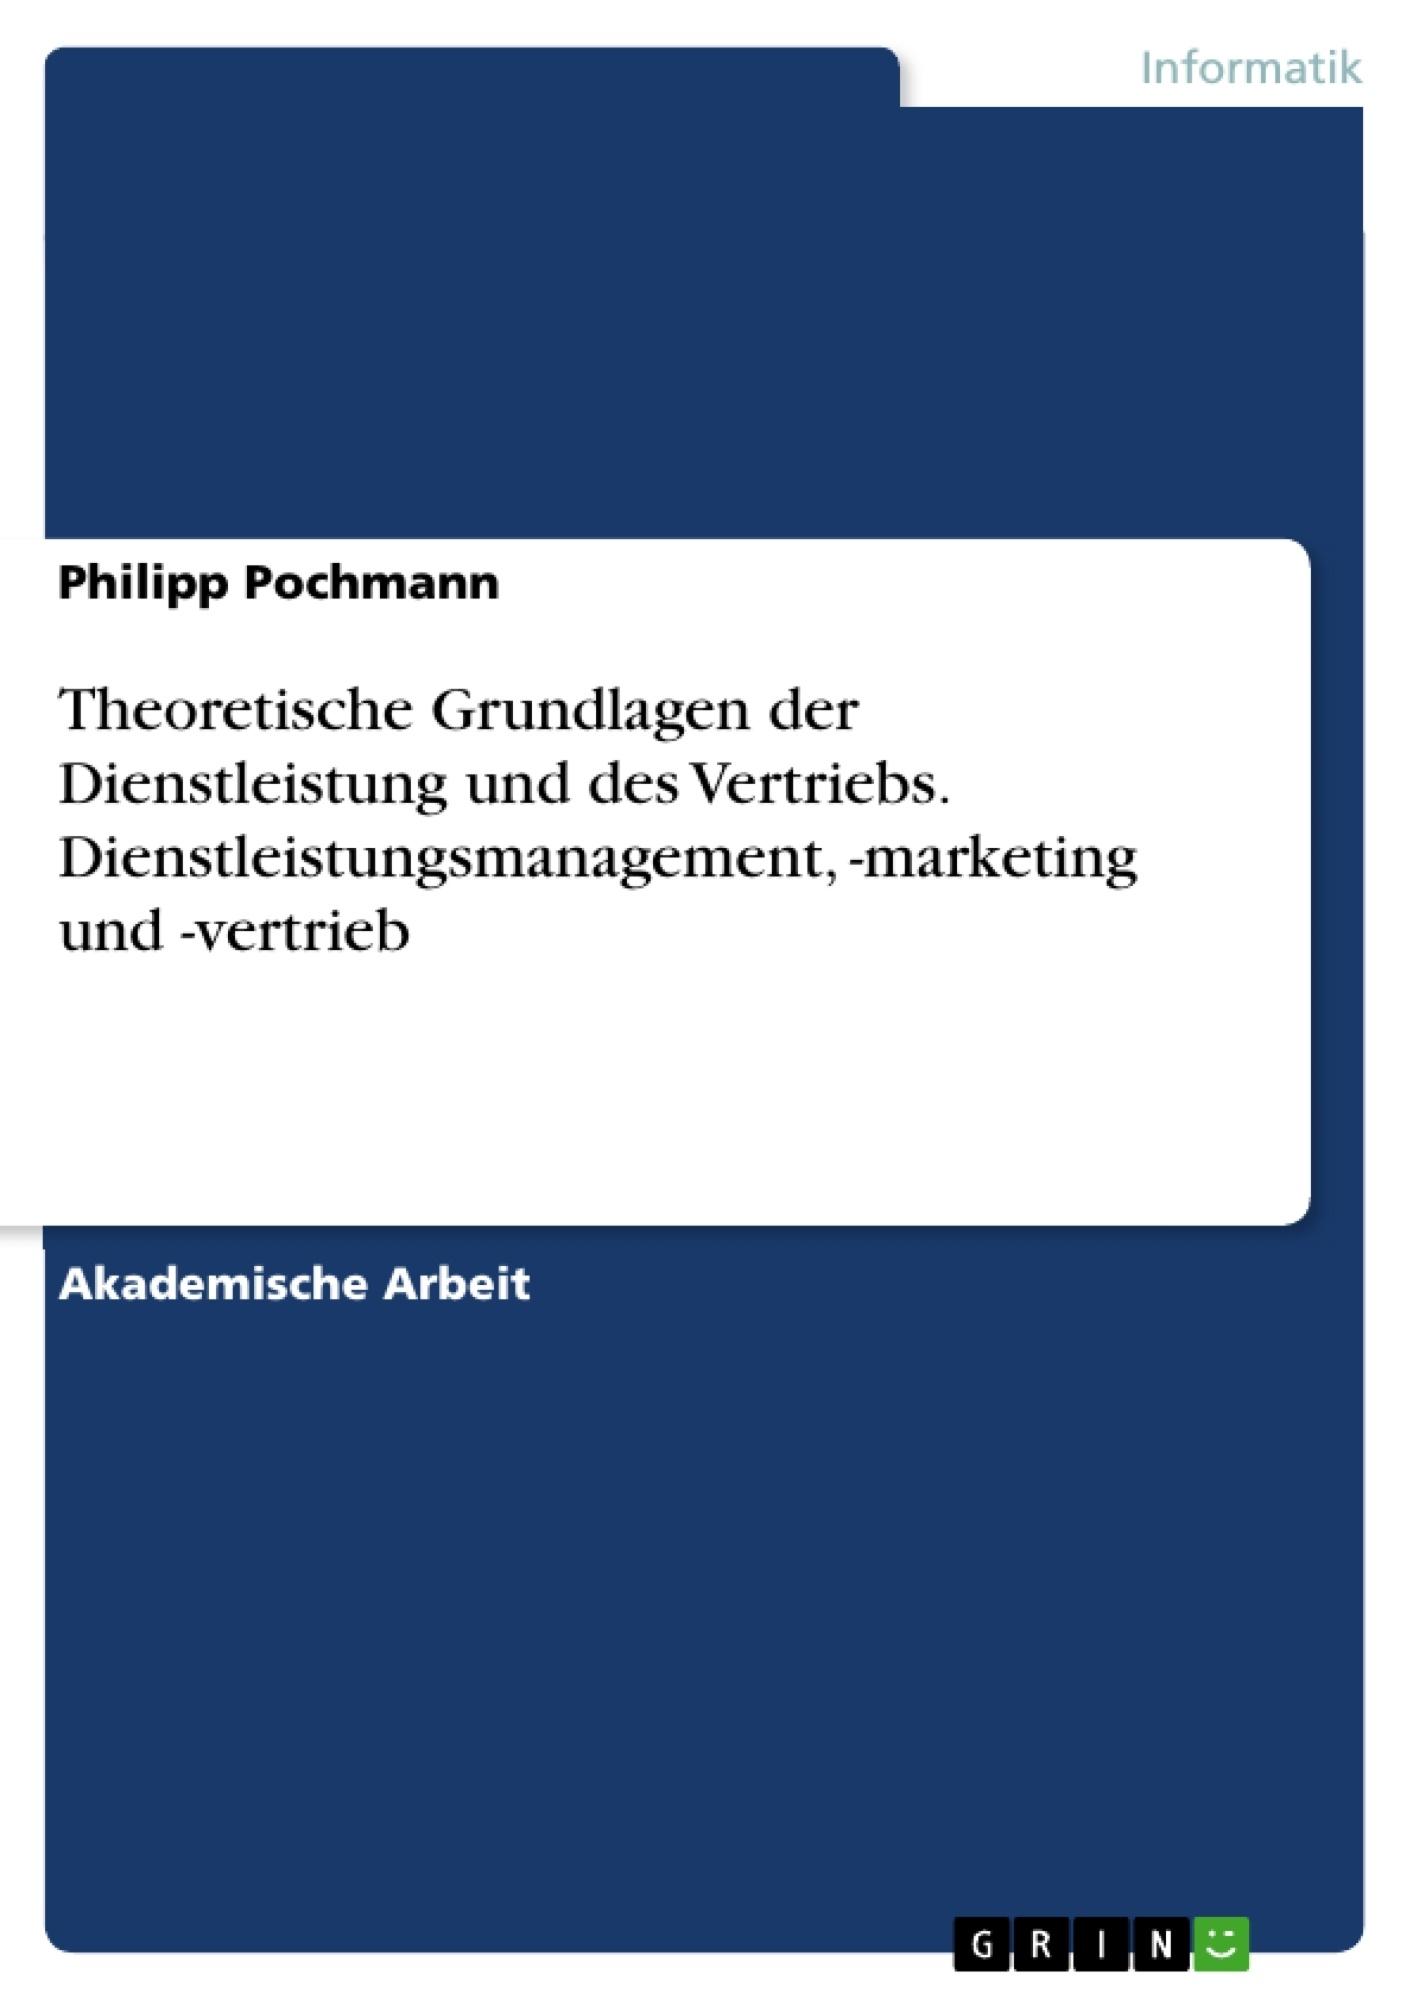 Titel: Theoretische Grundlagen der Dienstleistung und des Vertriebs. Dienstleistungsmanagement, -marketing und -vertrieb